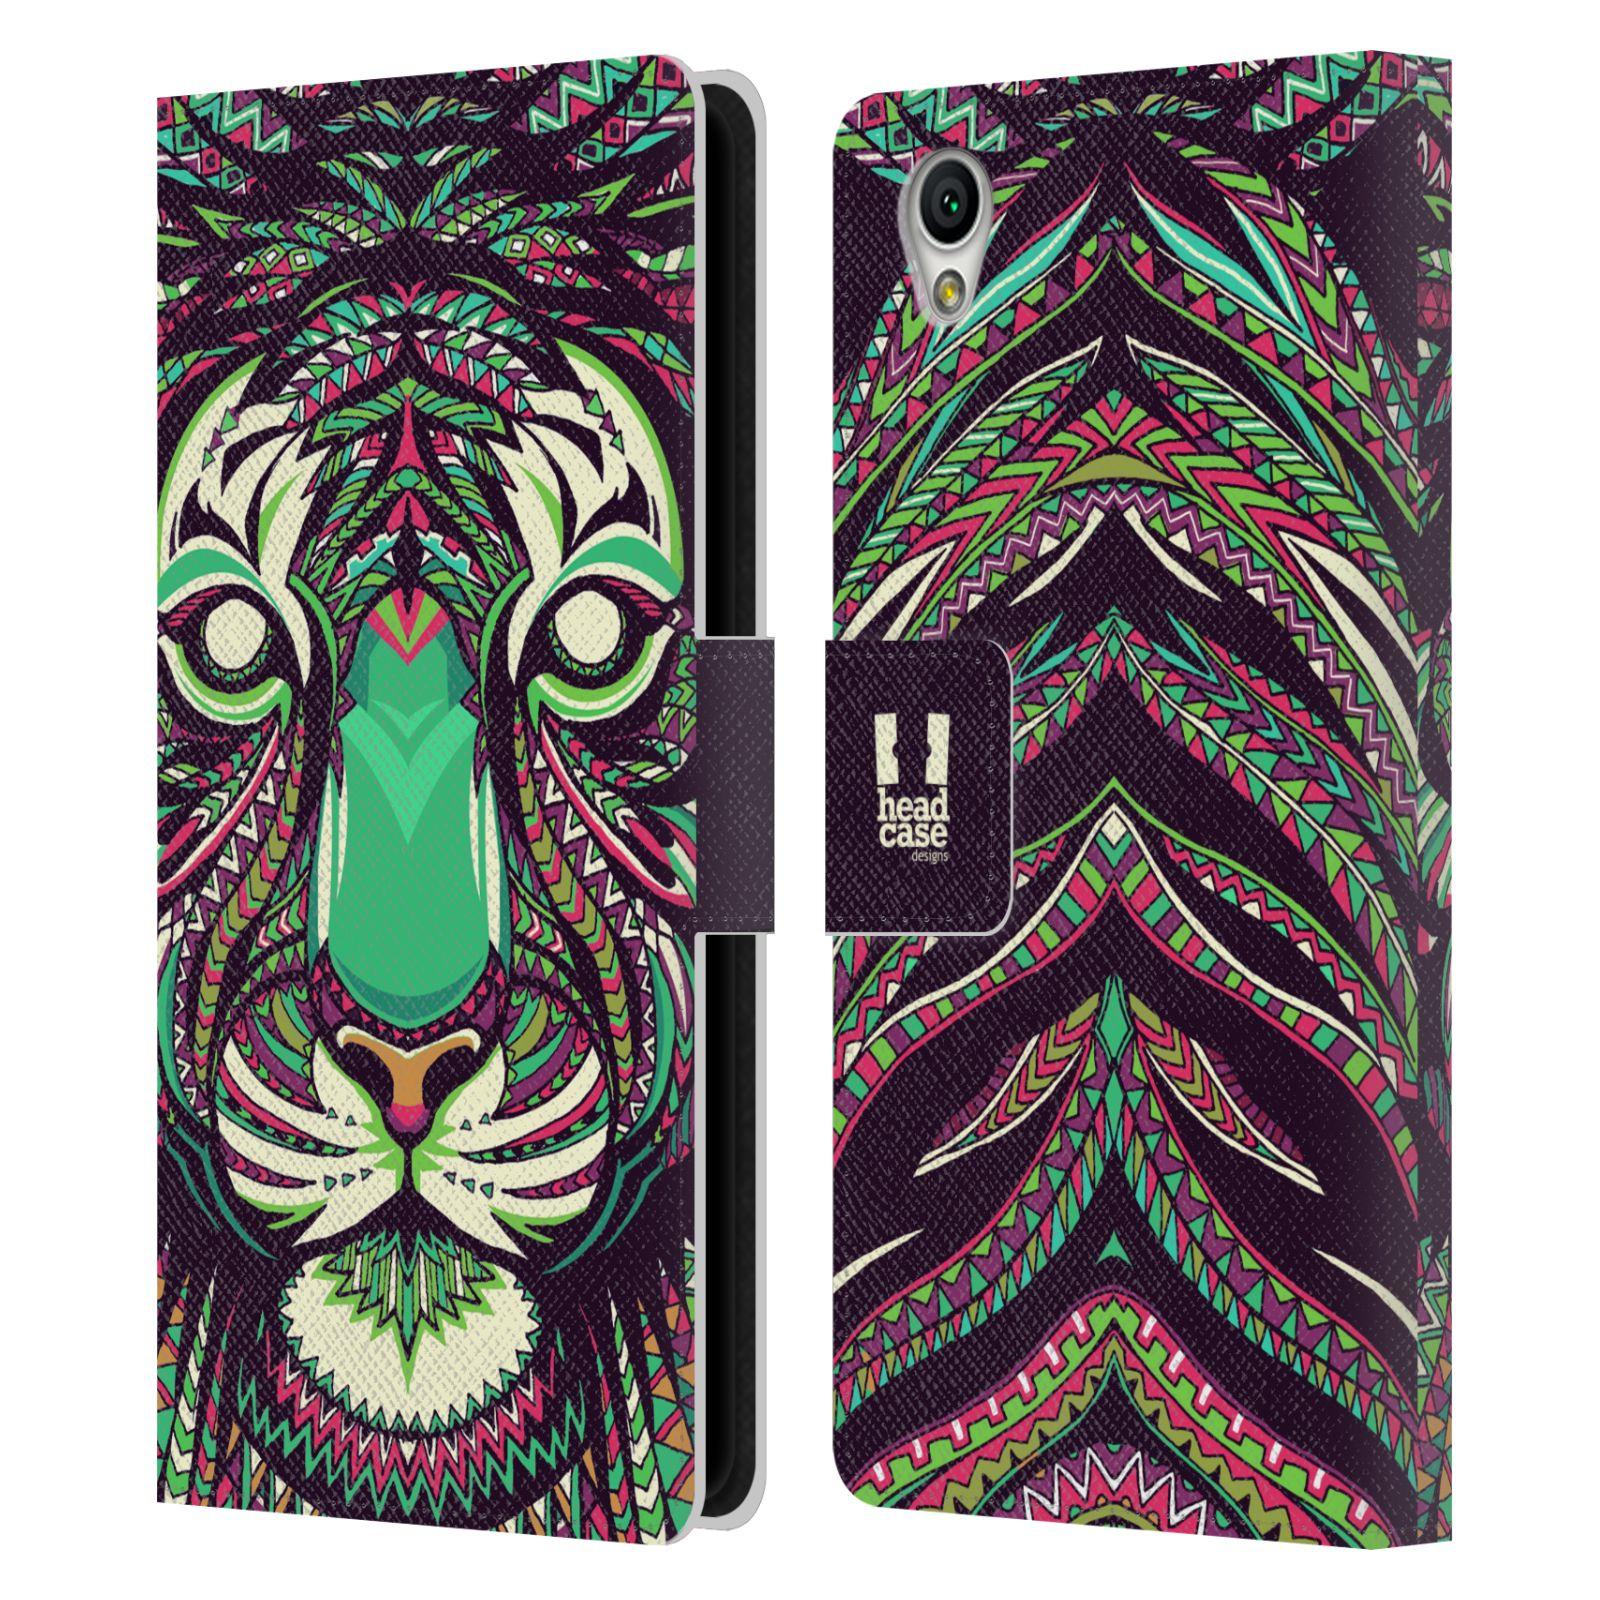 Pouzdro na mobil Sony Xperia L1 - Head Case - Aztécký vzor tygr